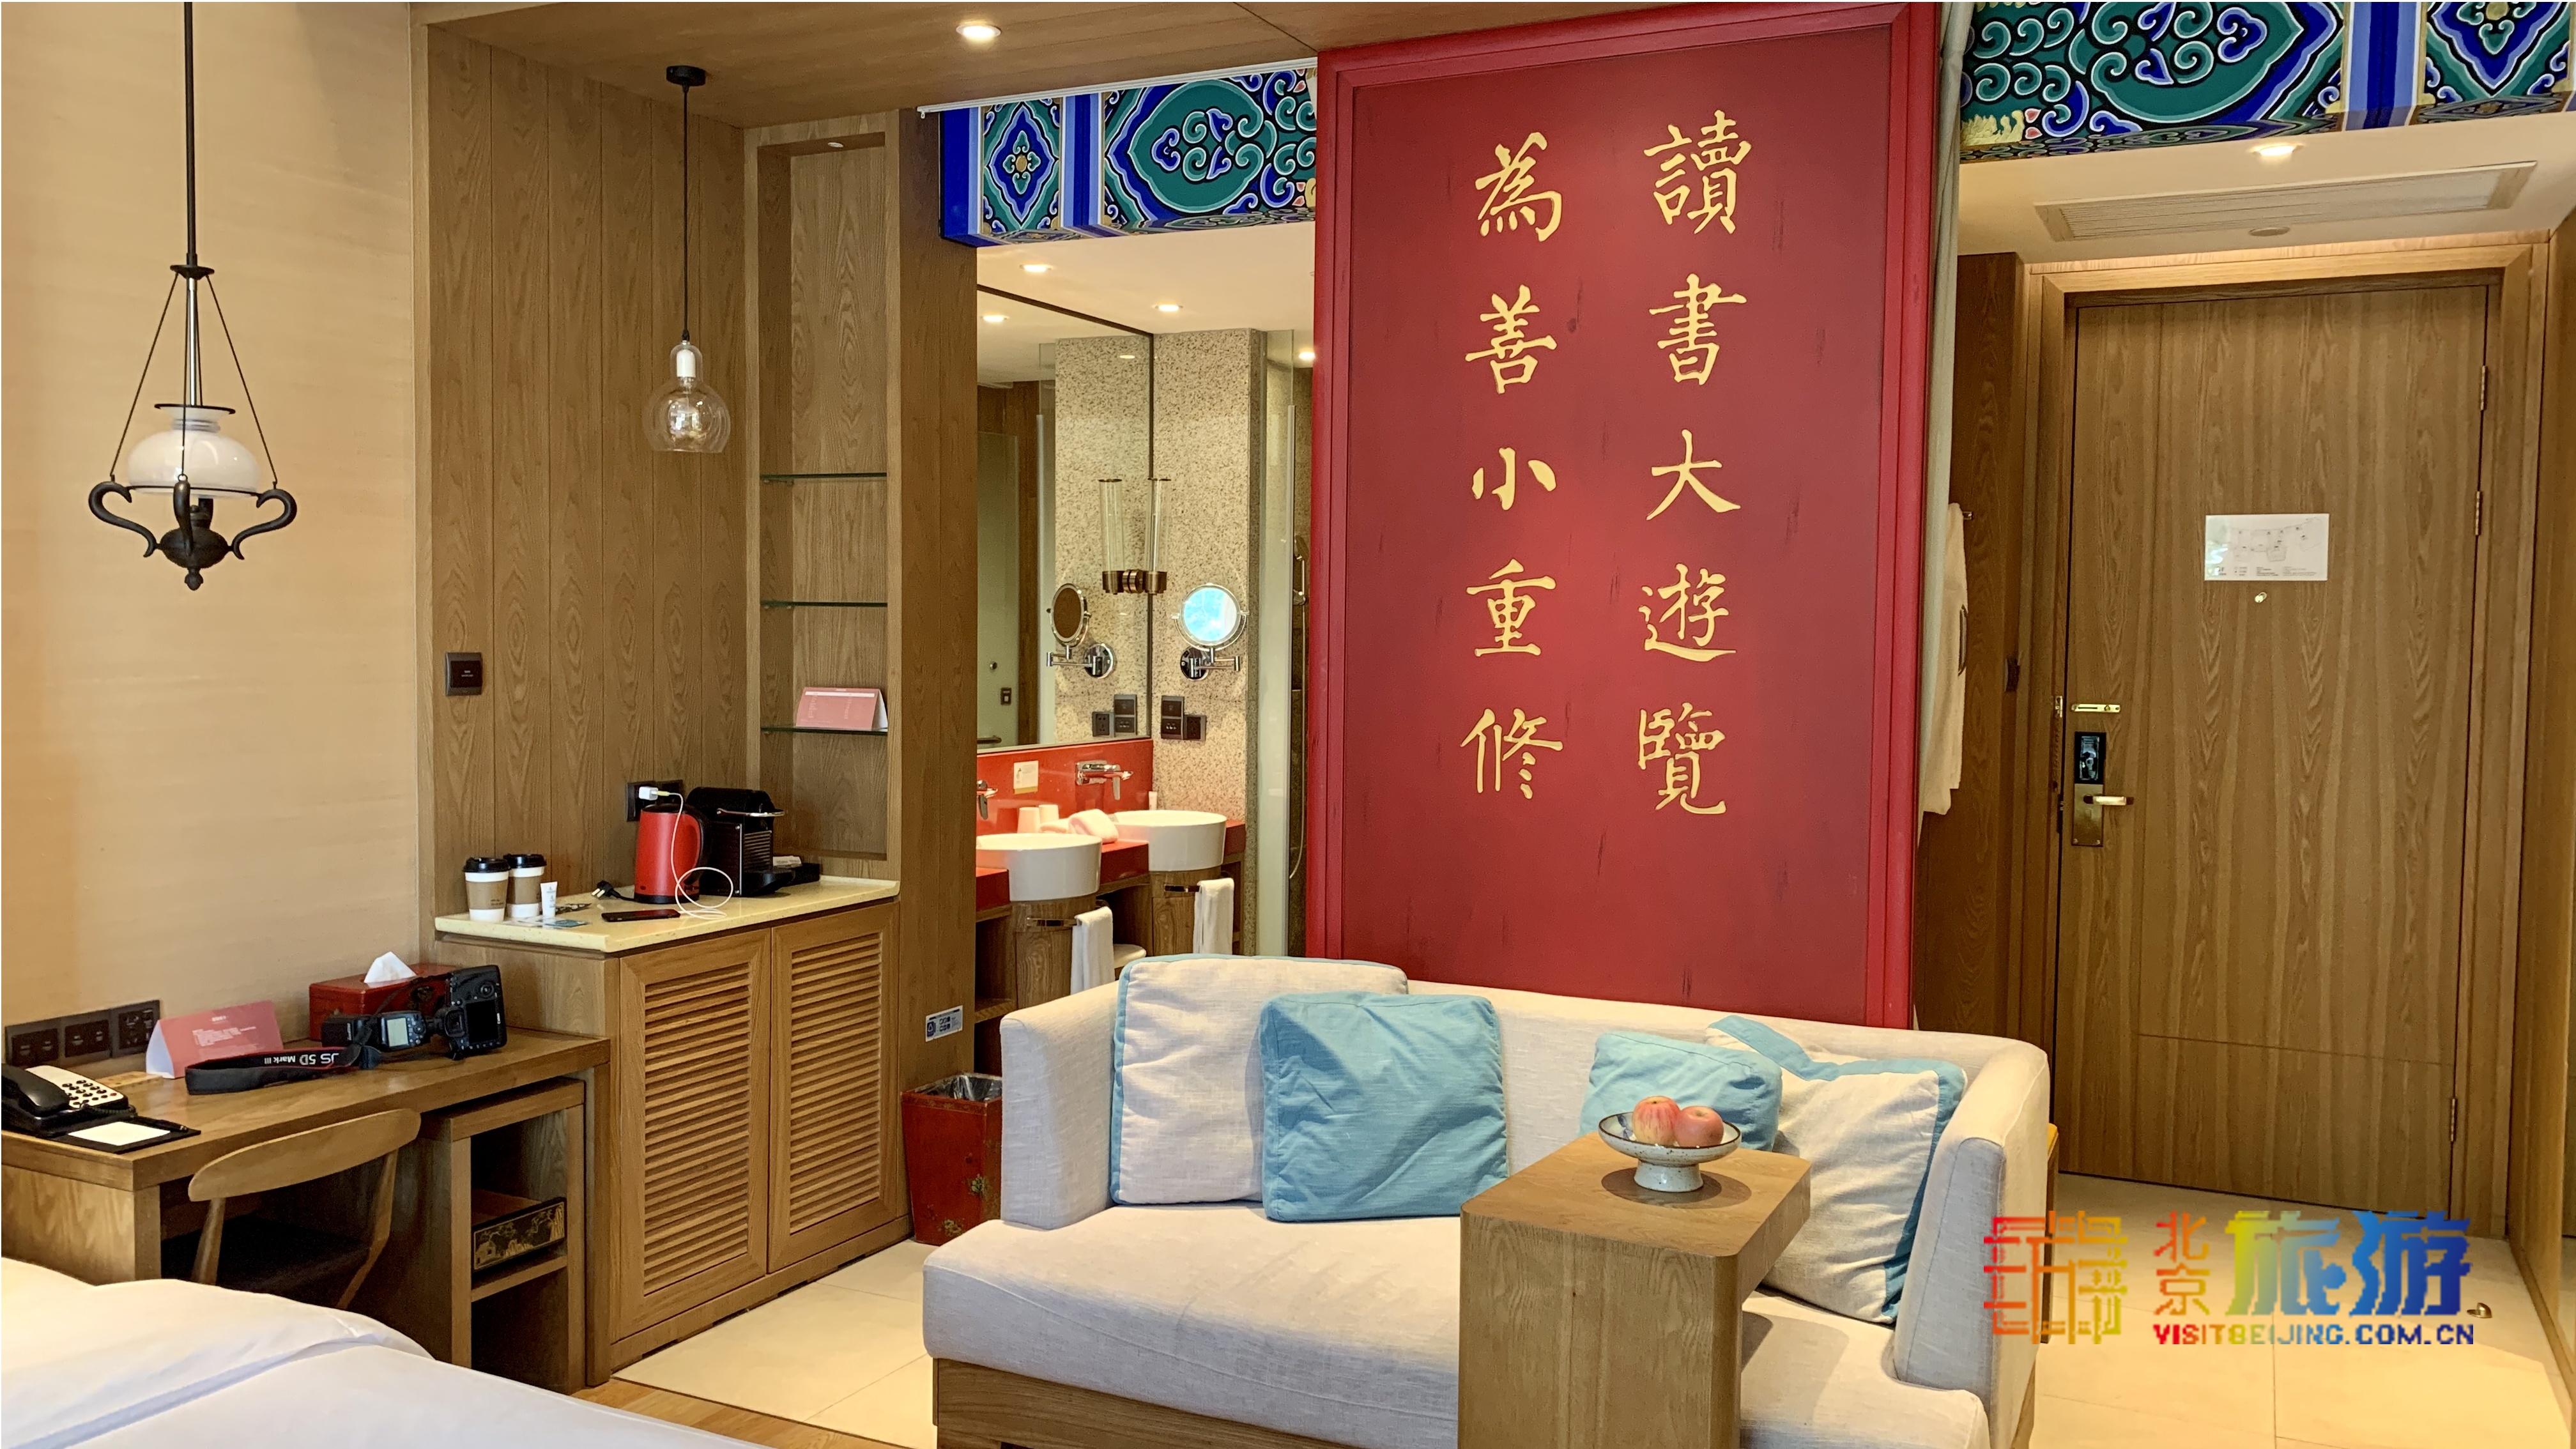 Beijing Wtown Hotspring Resort